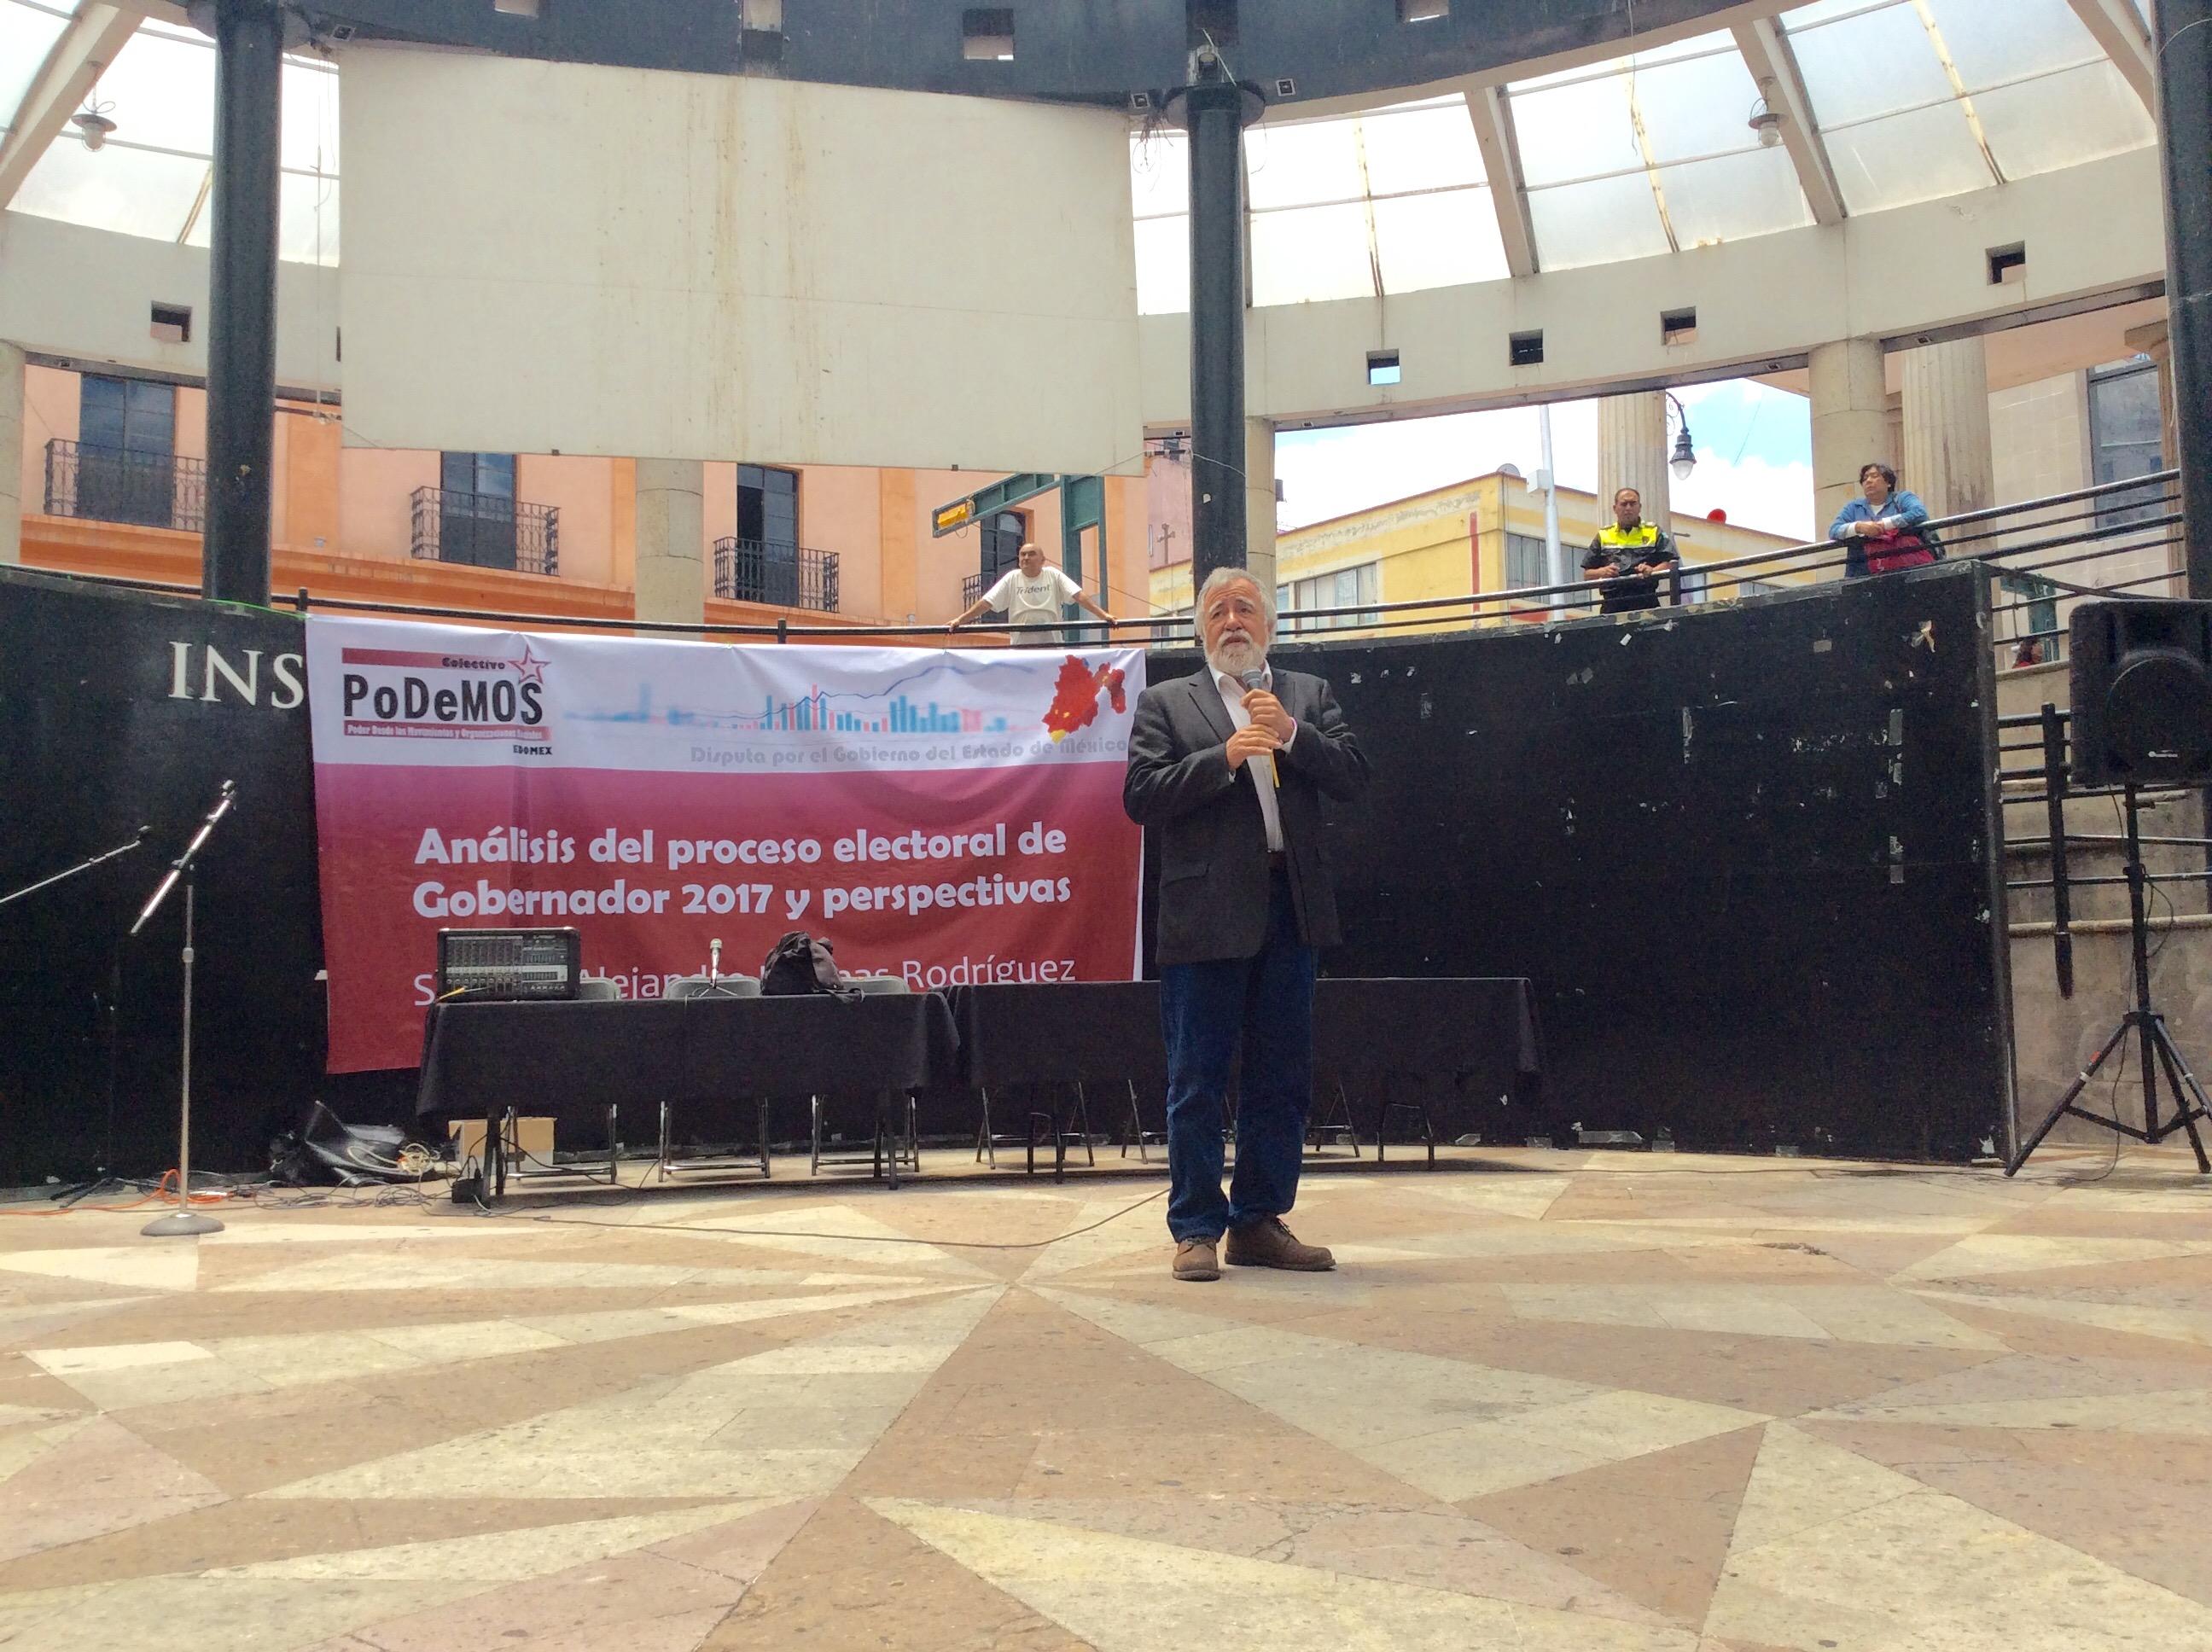 Urge purgar órganos electorales rumbo a elecciones del 2018